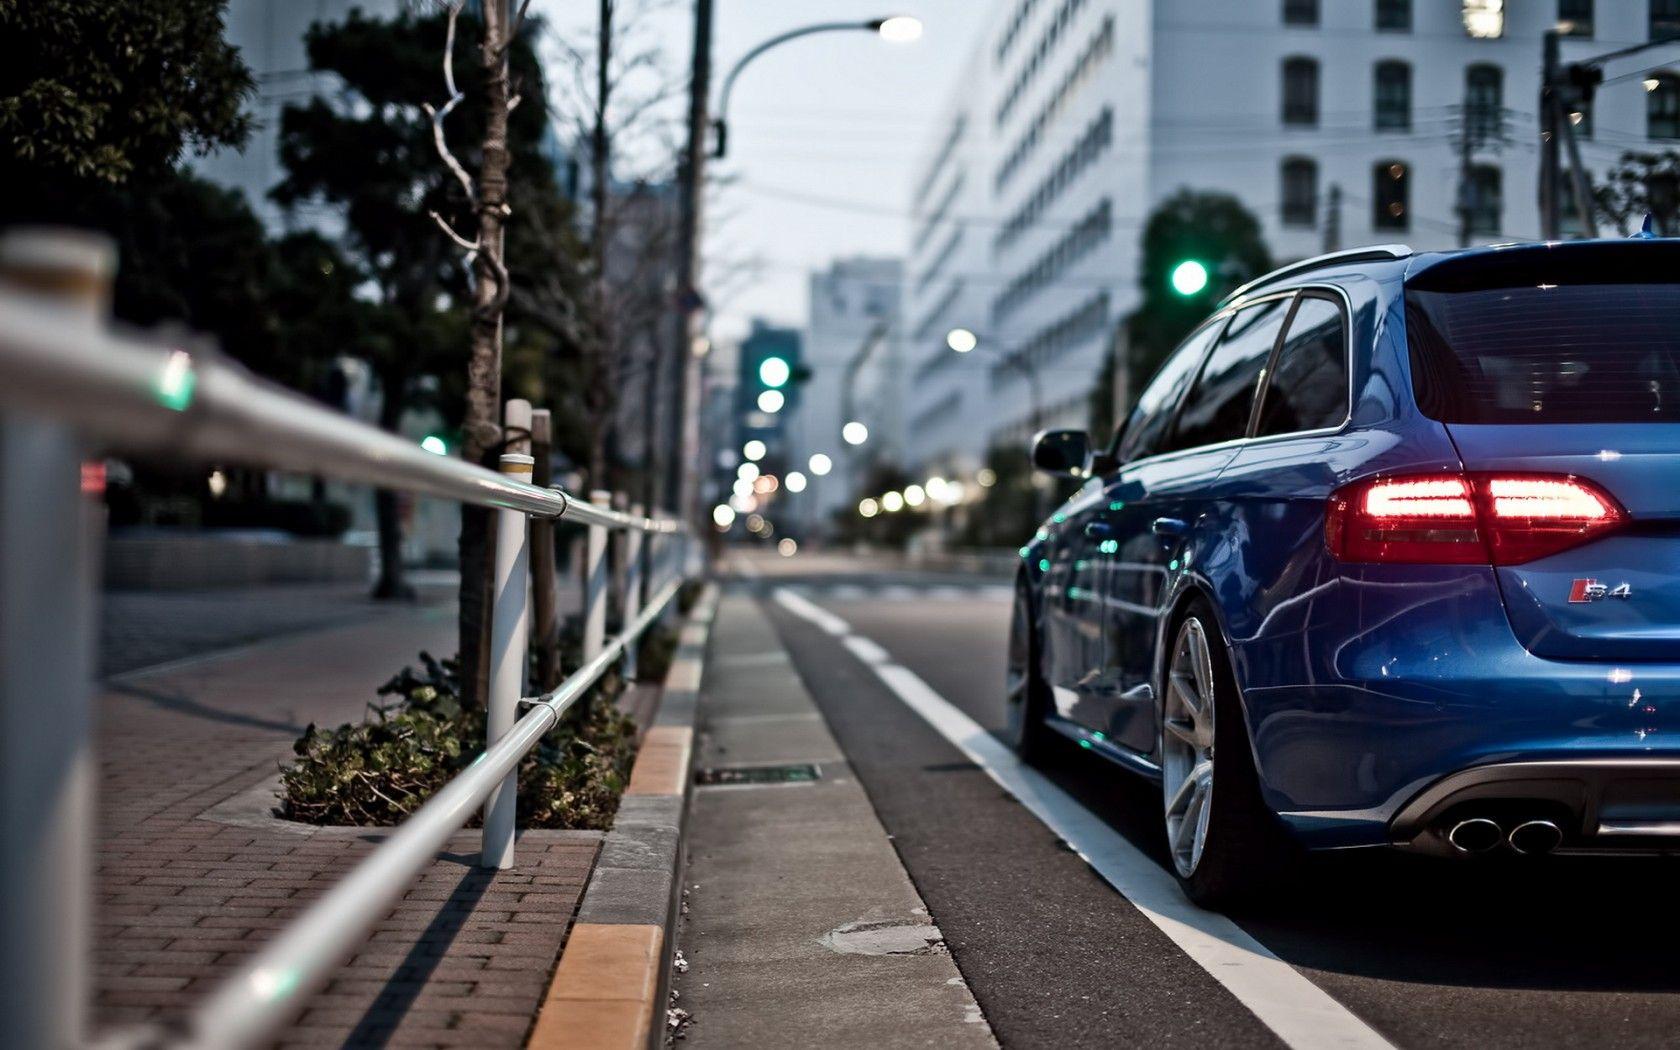 S4 Avant Audi S4 Audi Cars Audi